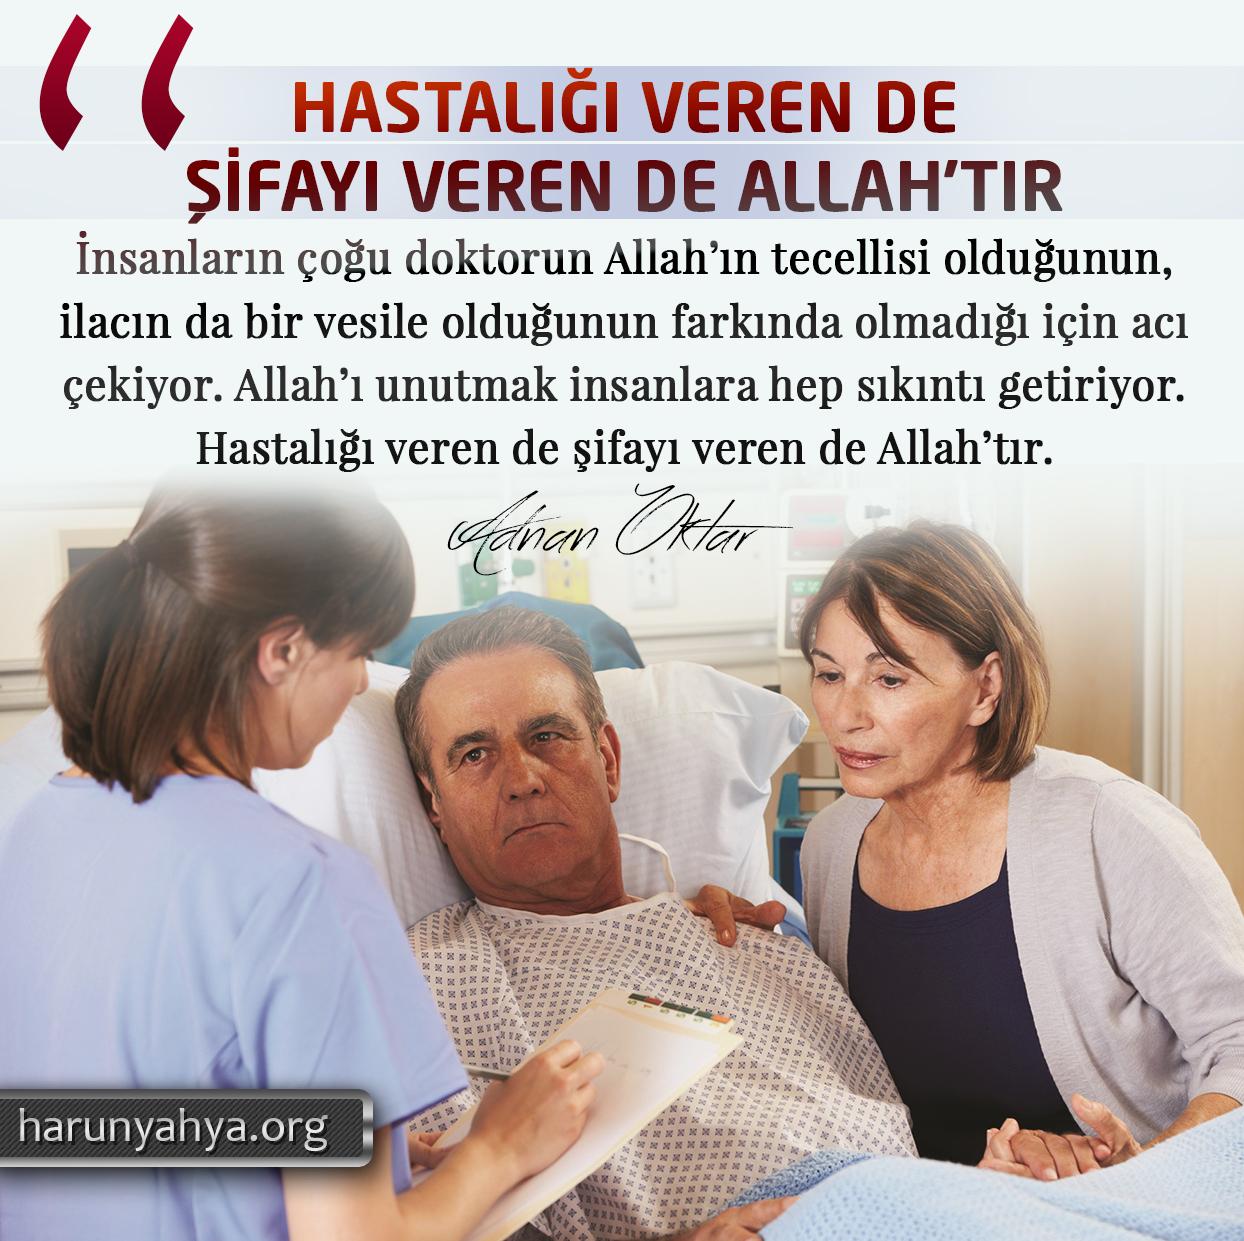 """<table style=""""width: 100%;""""><tr><td style=""""vertical-align: middle;"""">İnsanların çoğu doktorun Allah'ın tecellisi olduğunun, ilacın da bir vesile olduğunun farkında olmadığı için acı çekiyor. Allah'ı unutmak insanlara hep sıkıntı getiriyor. Hastalığı veren de şifayı veren de Allah'tır. </td><td style=""""max-width: 70px;vertical-align: middle;""""> <a href=""""/downloadquote.php?filename=1526968759208.jpg""""><img class=""""hoversaturate"""" height=""""20px"""" src=""""/assets/images/download-iconu.png"""" style=""""width: 48px; height: 48px;"""" title=""""Resmi İndir""""/></a></td></tr></table>"""